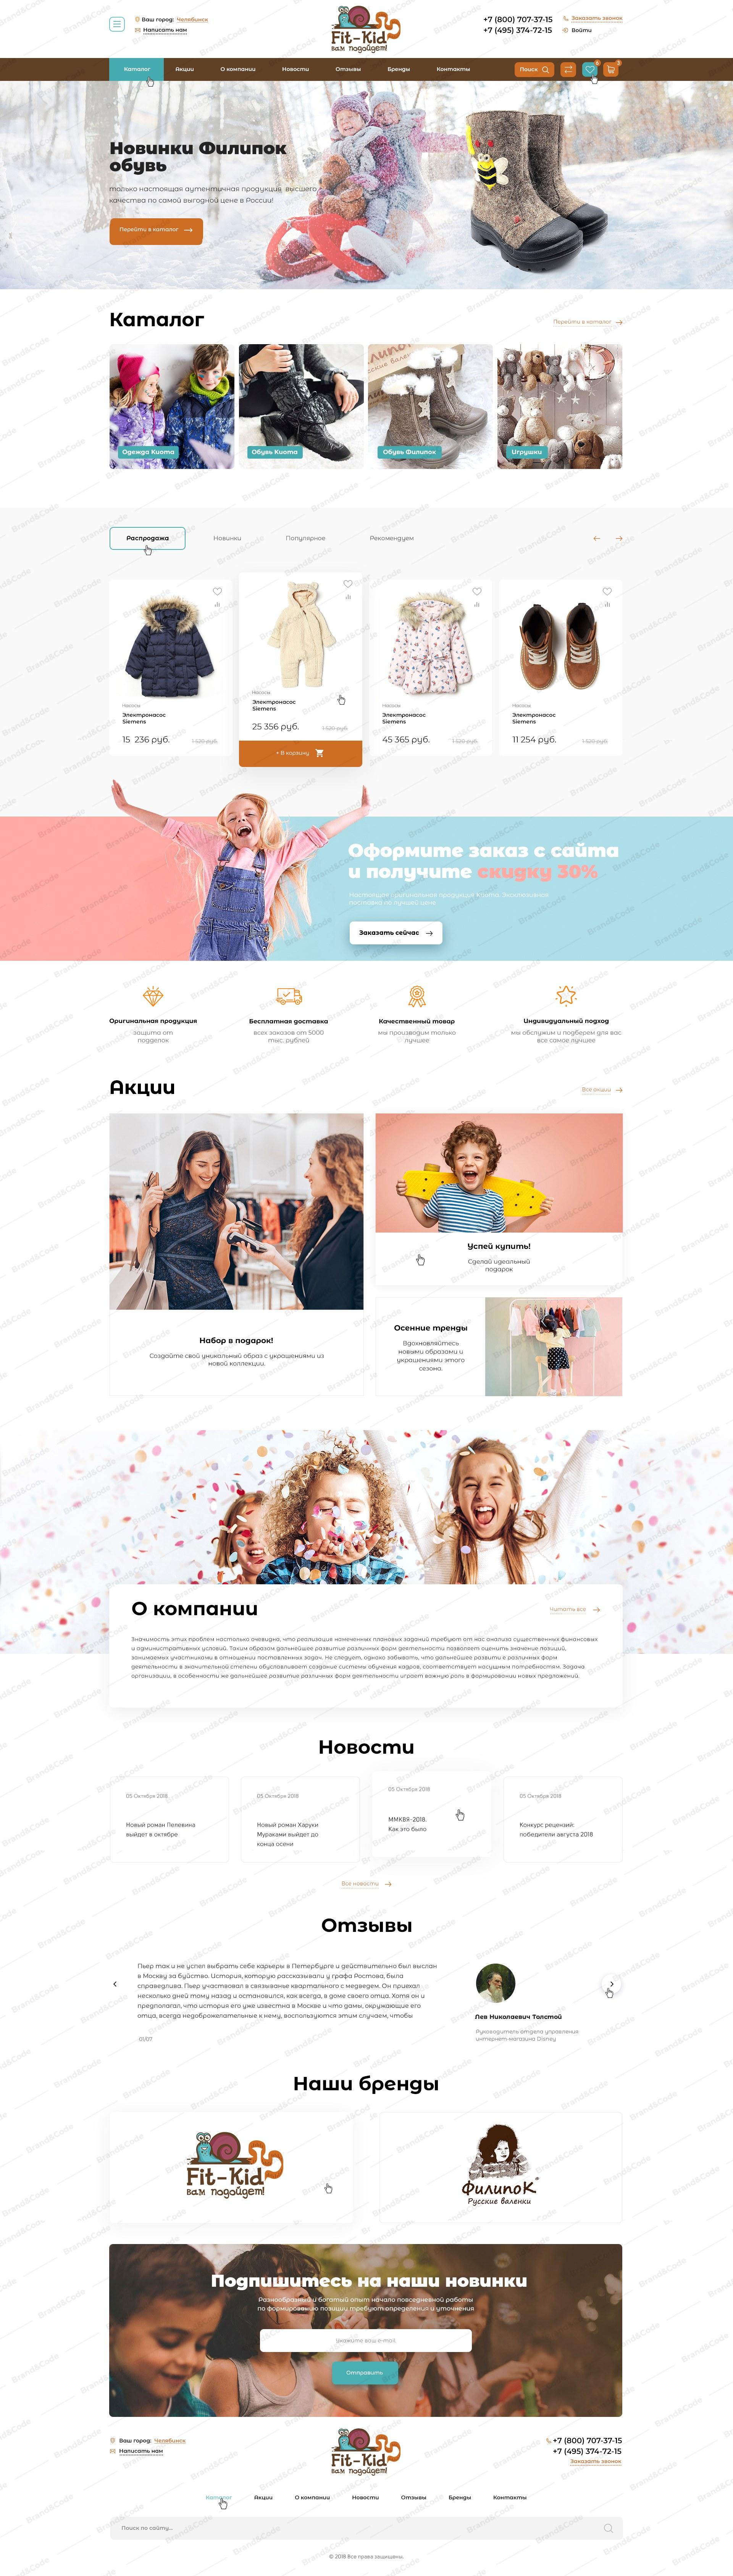 FidKid - интернет-магазин детской одежды